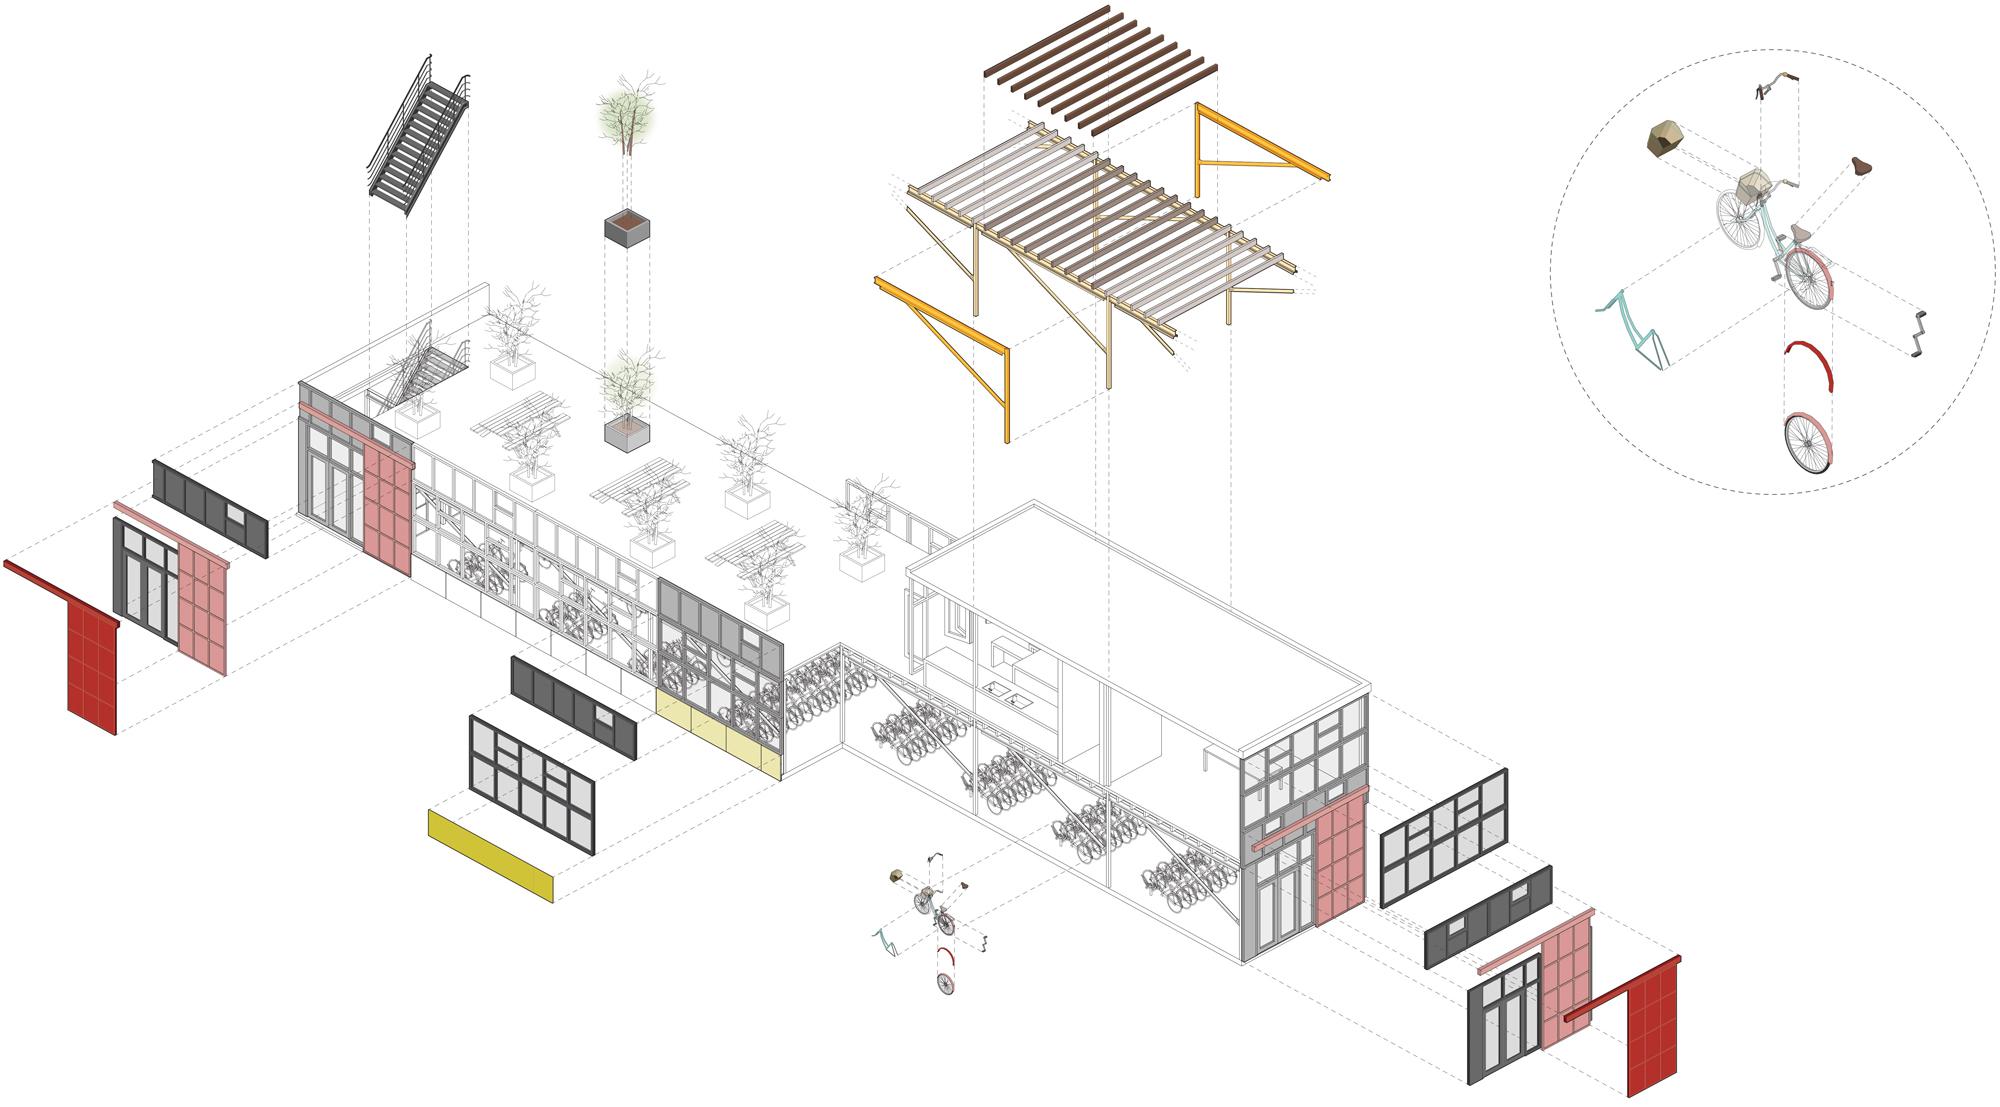 bicycle-storage_fietstenstalling_demountable_amsterdam_architect_2